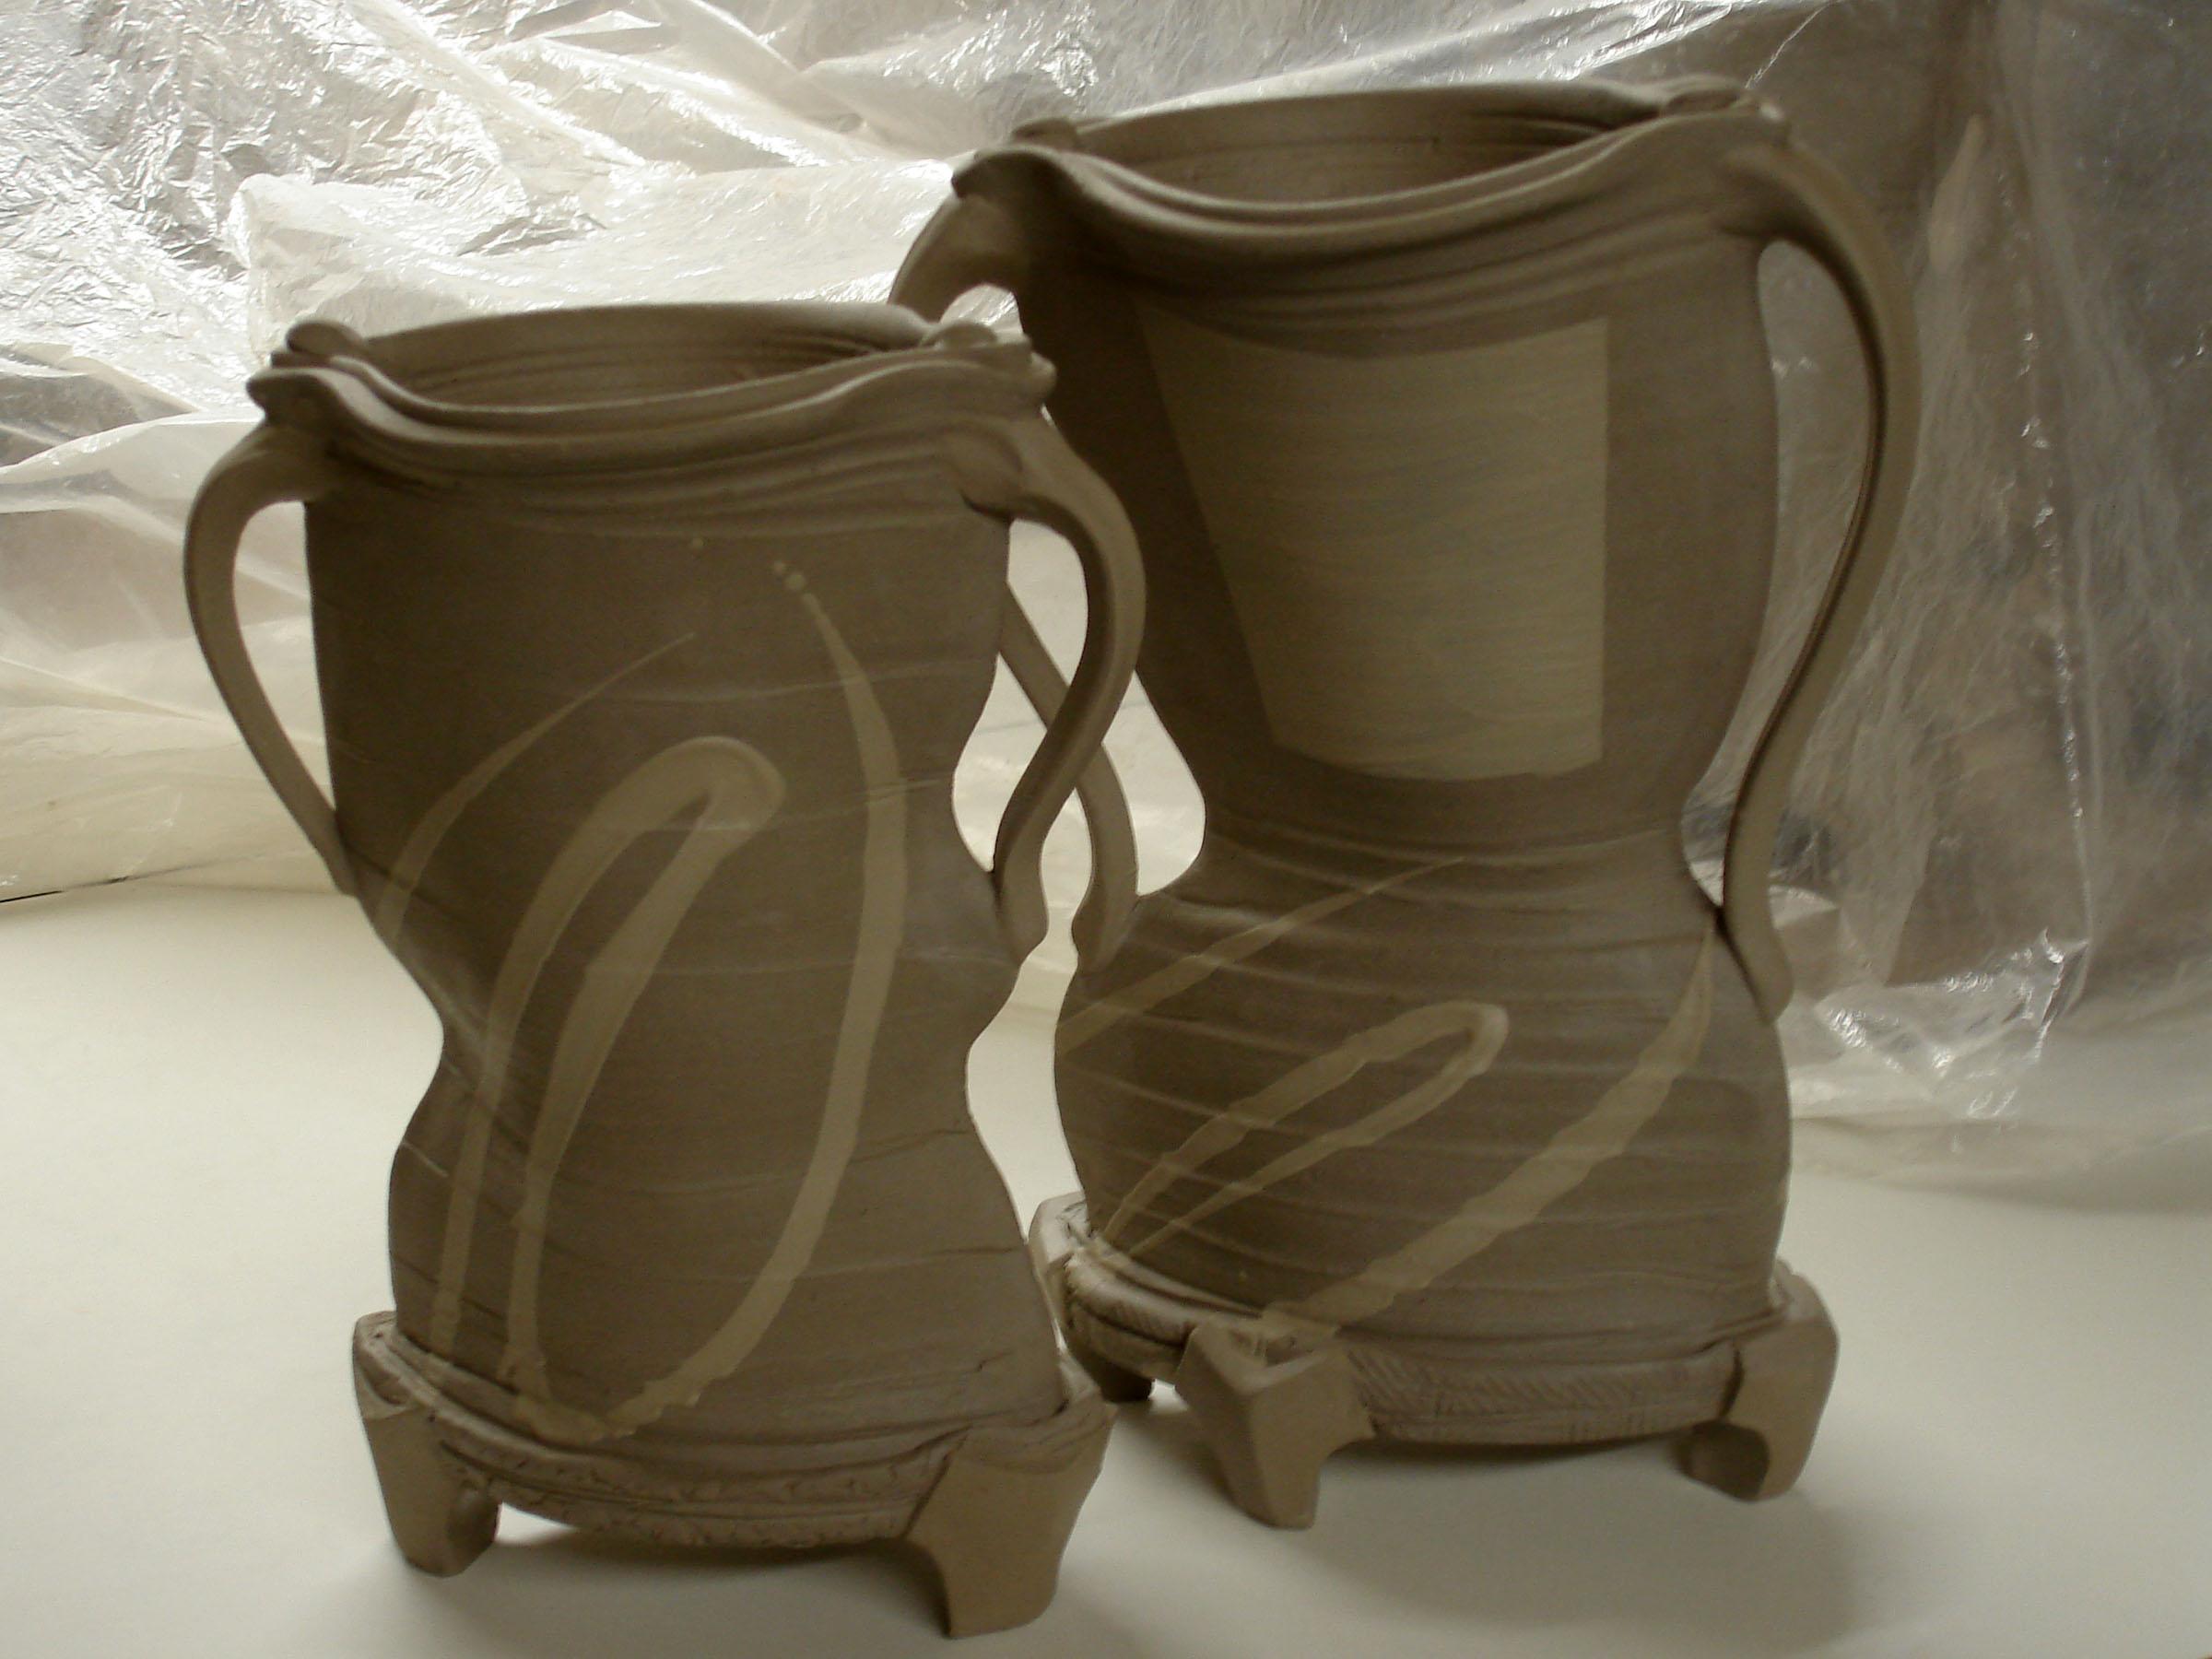 vases in process.jpg